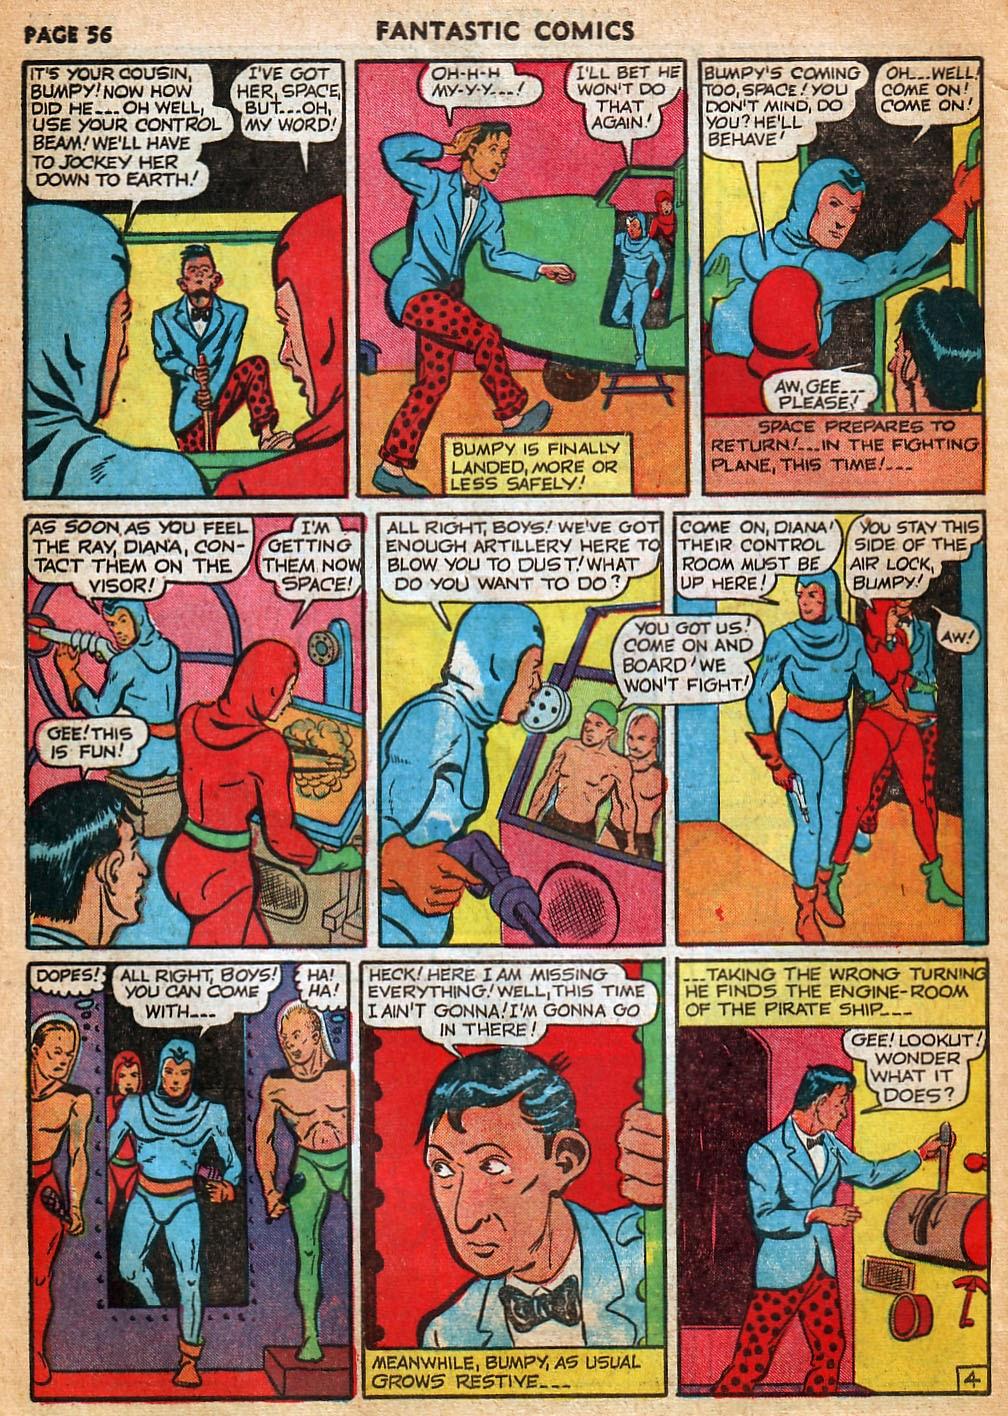 Read online Fantastic Comics comic -  Issue #22 - 57